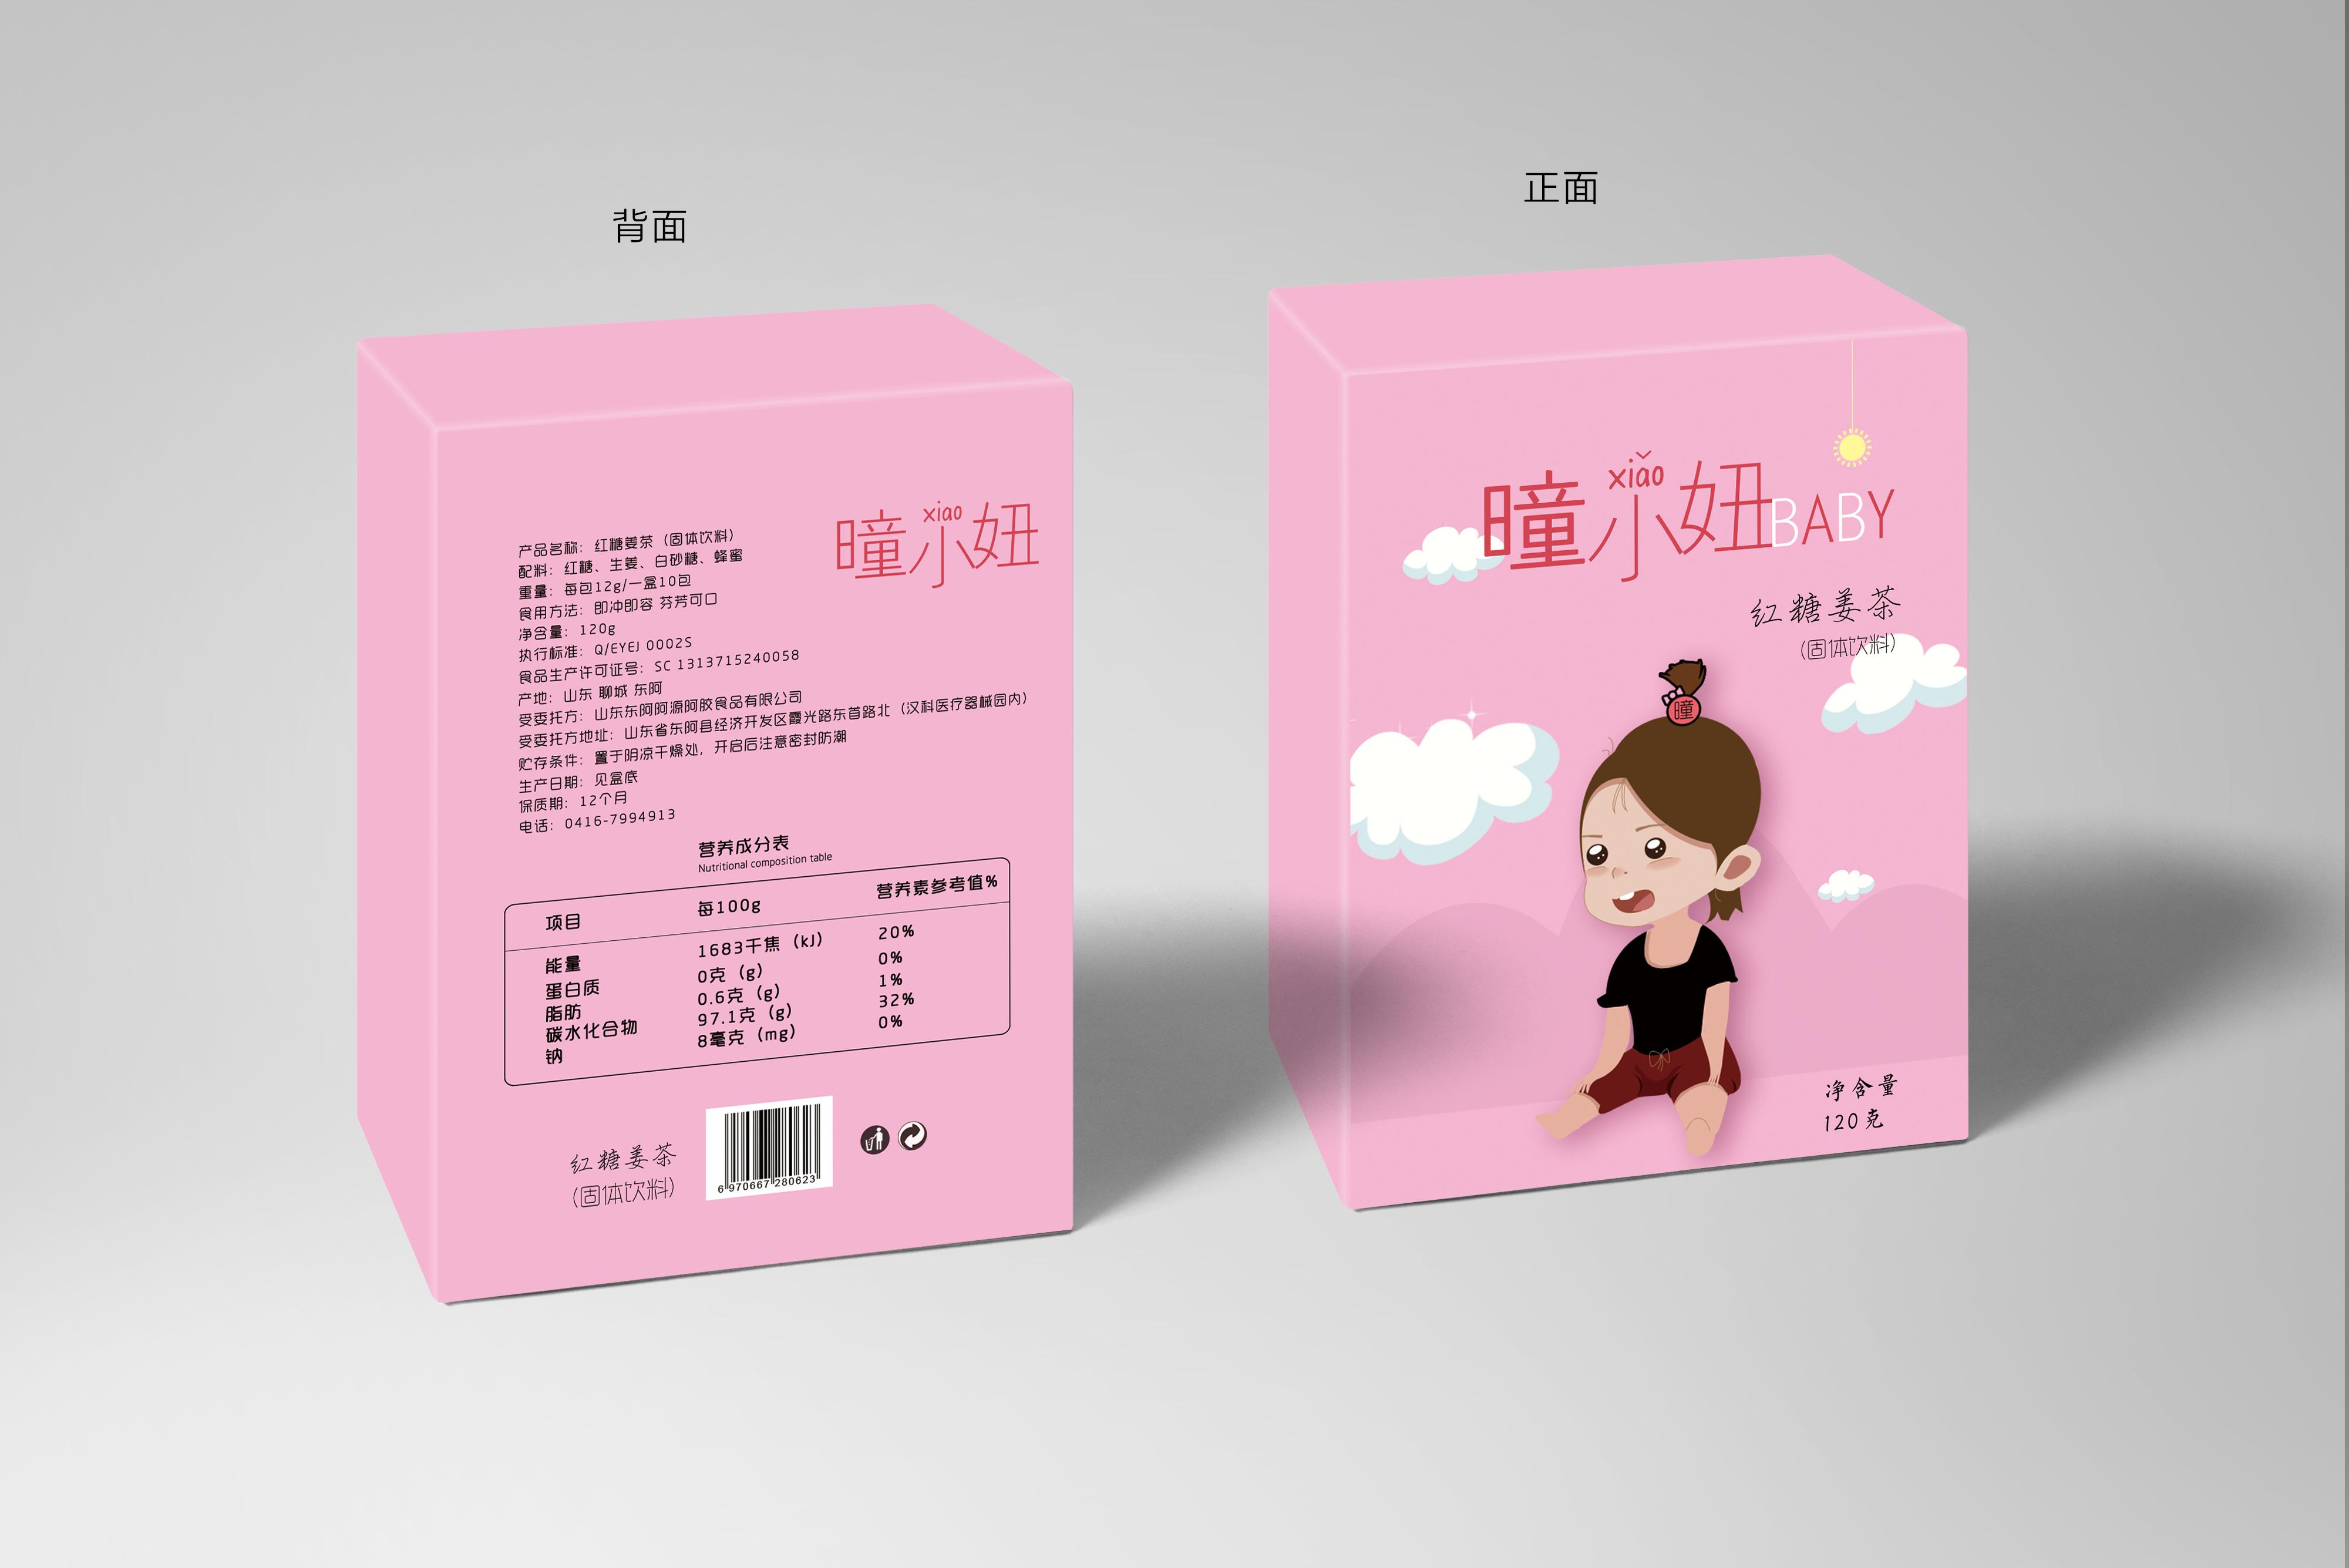 包装 包装设计 购物纸袋 纸袋 4000_2670图片